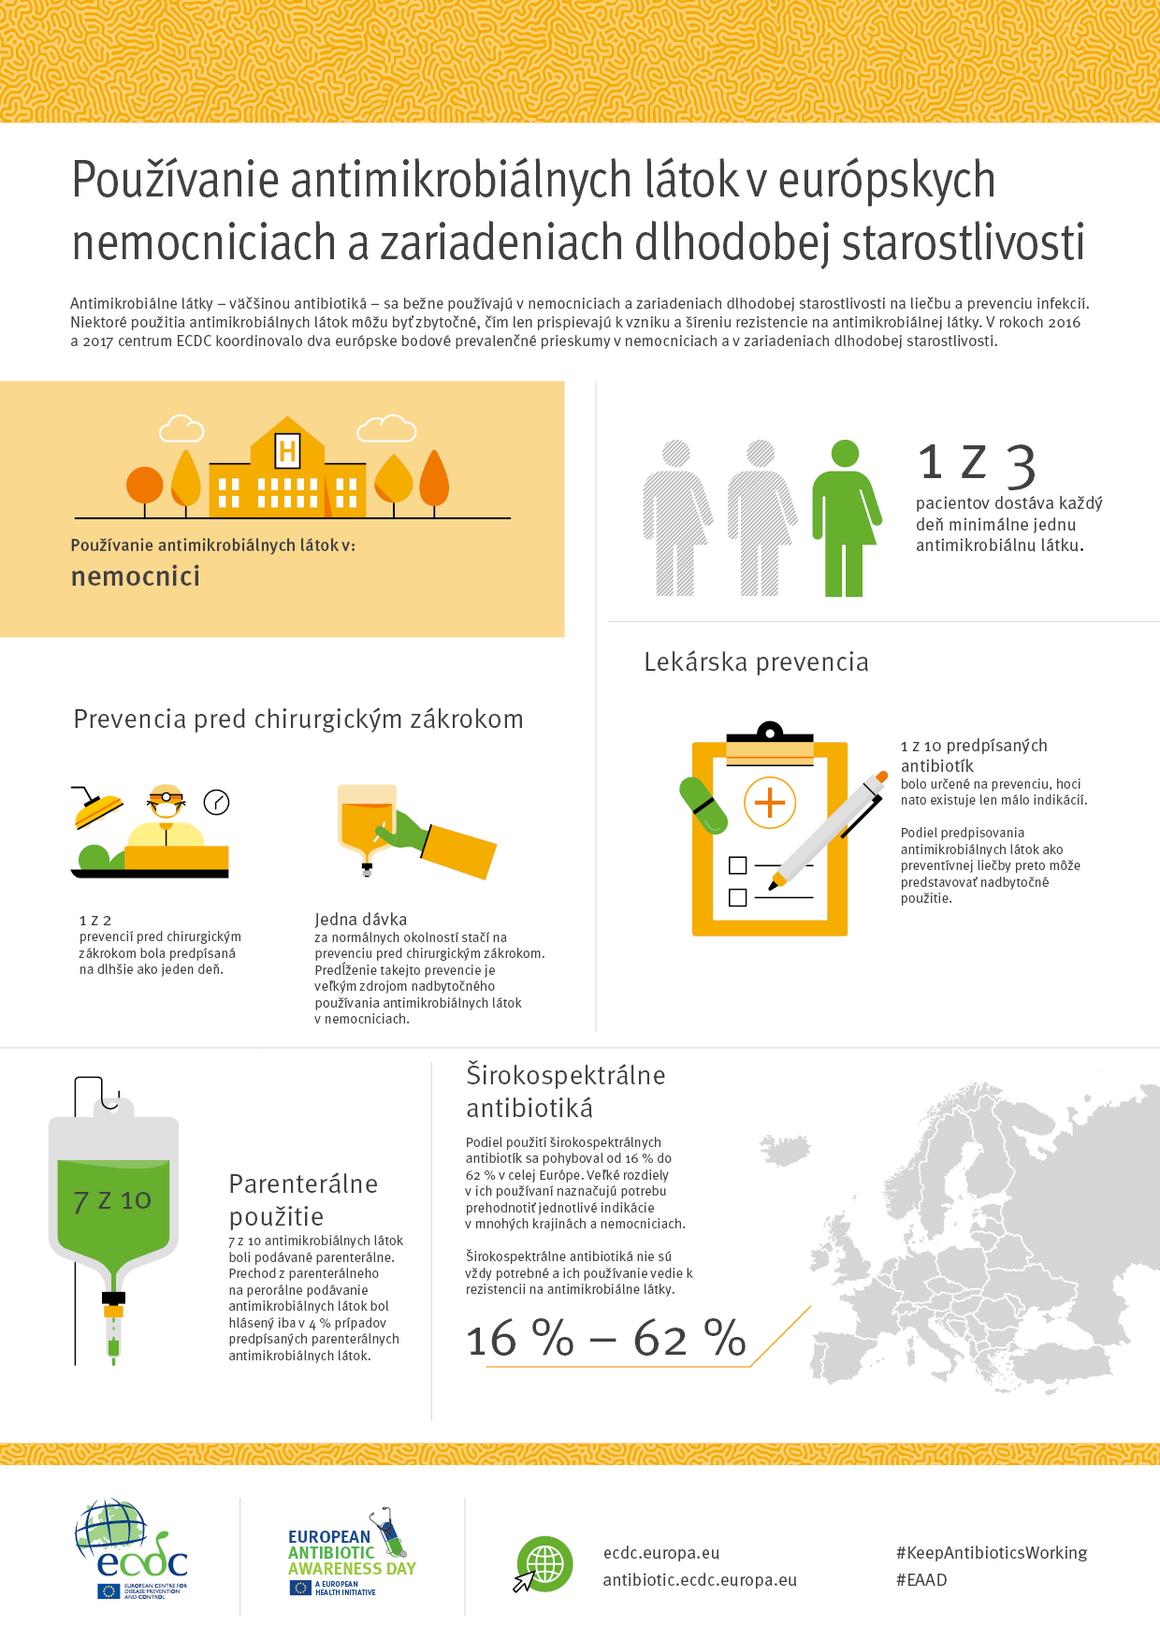 Stosowanie środków przeciwdrobnoustrojowych w europejskich szpitalach i placówkach opieki długoterminowej